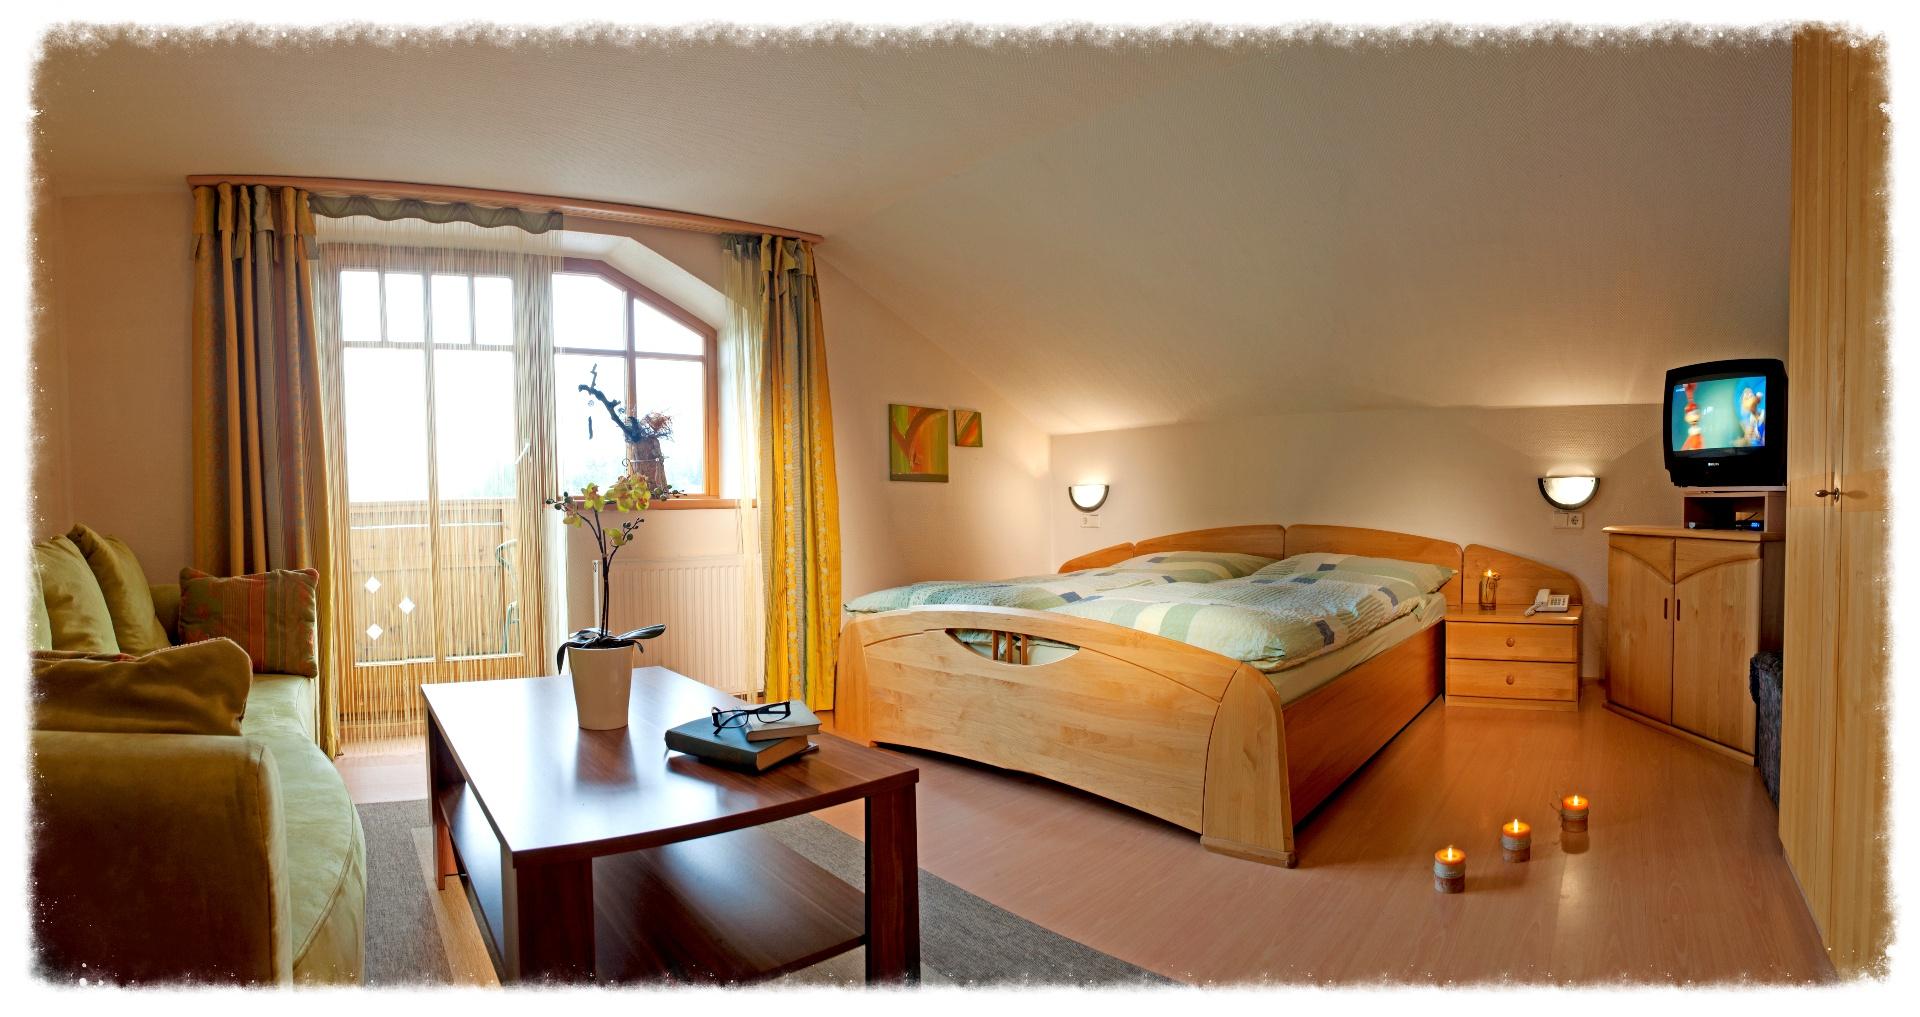 Wohn-Schlafraum Ferienwohnung für 4 - 6 Personen